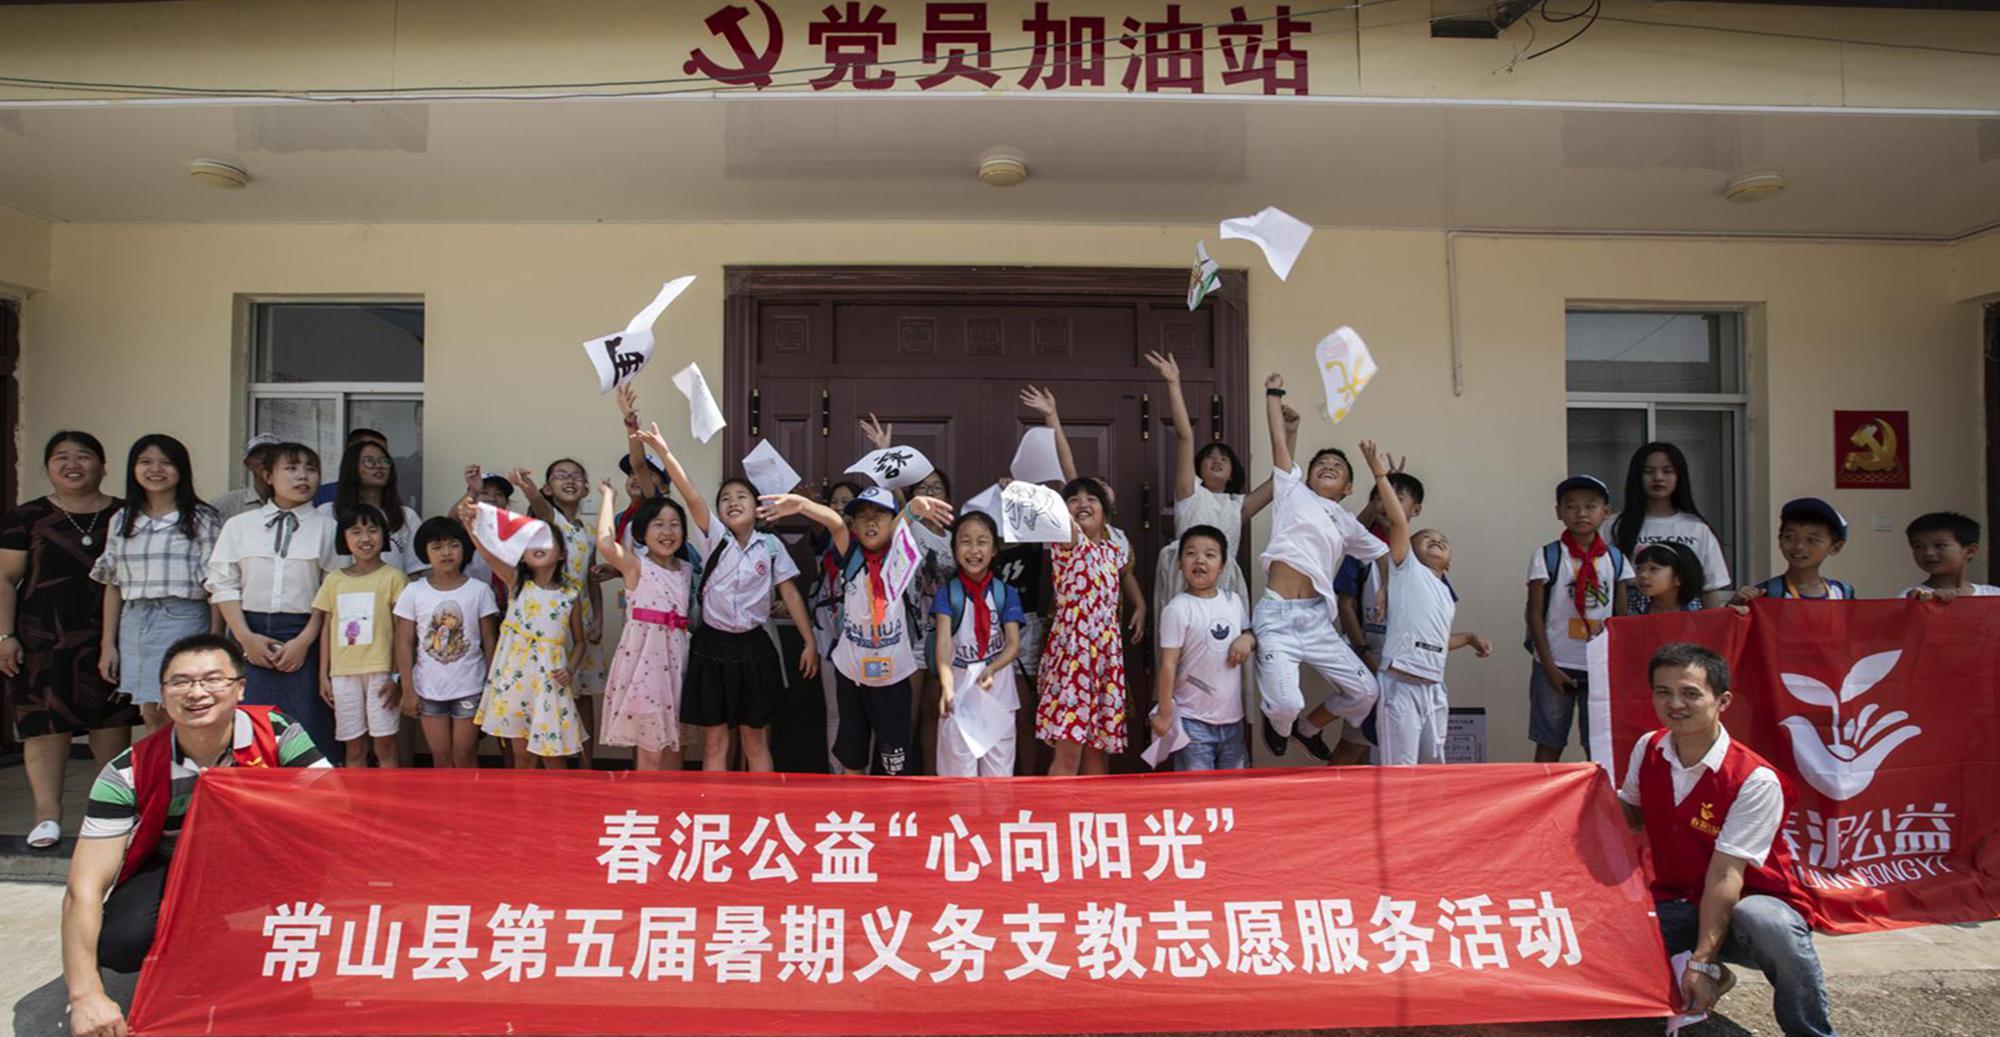 """衢州""""春泥計劃""""十周年,鄉村學校少年宮全覆蓋!"""